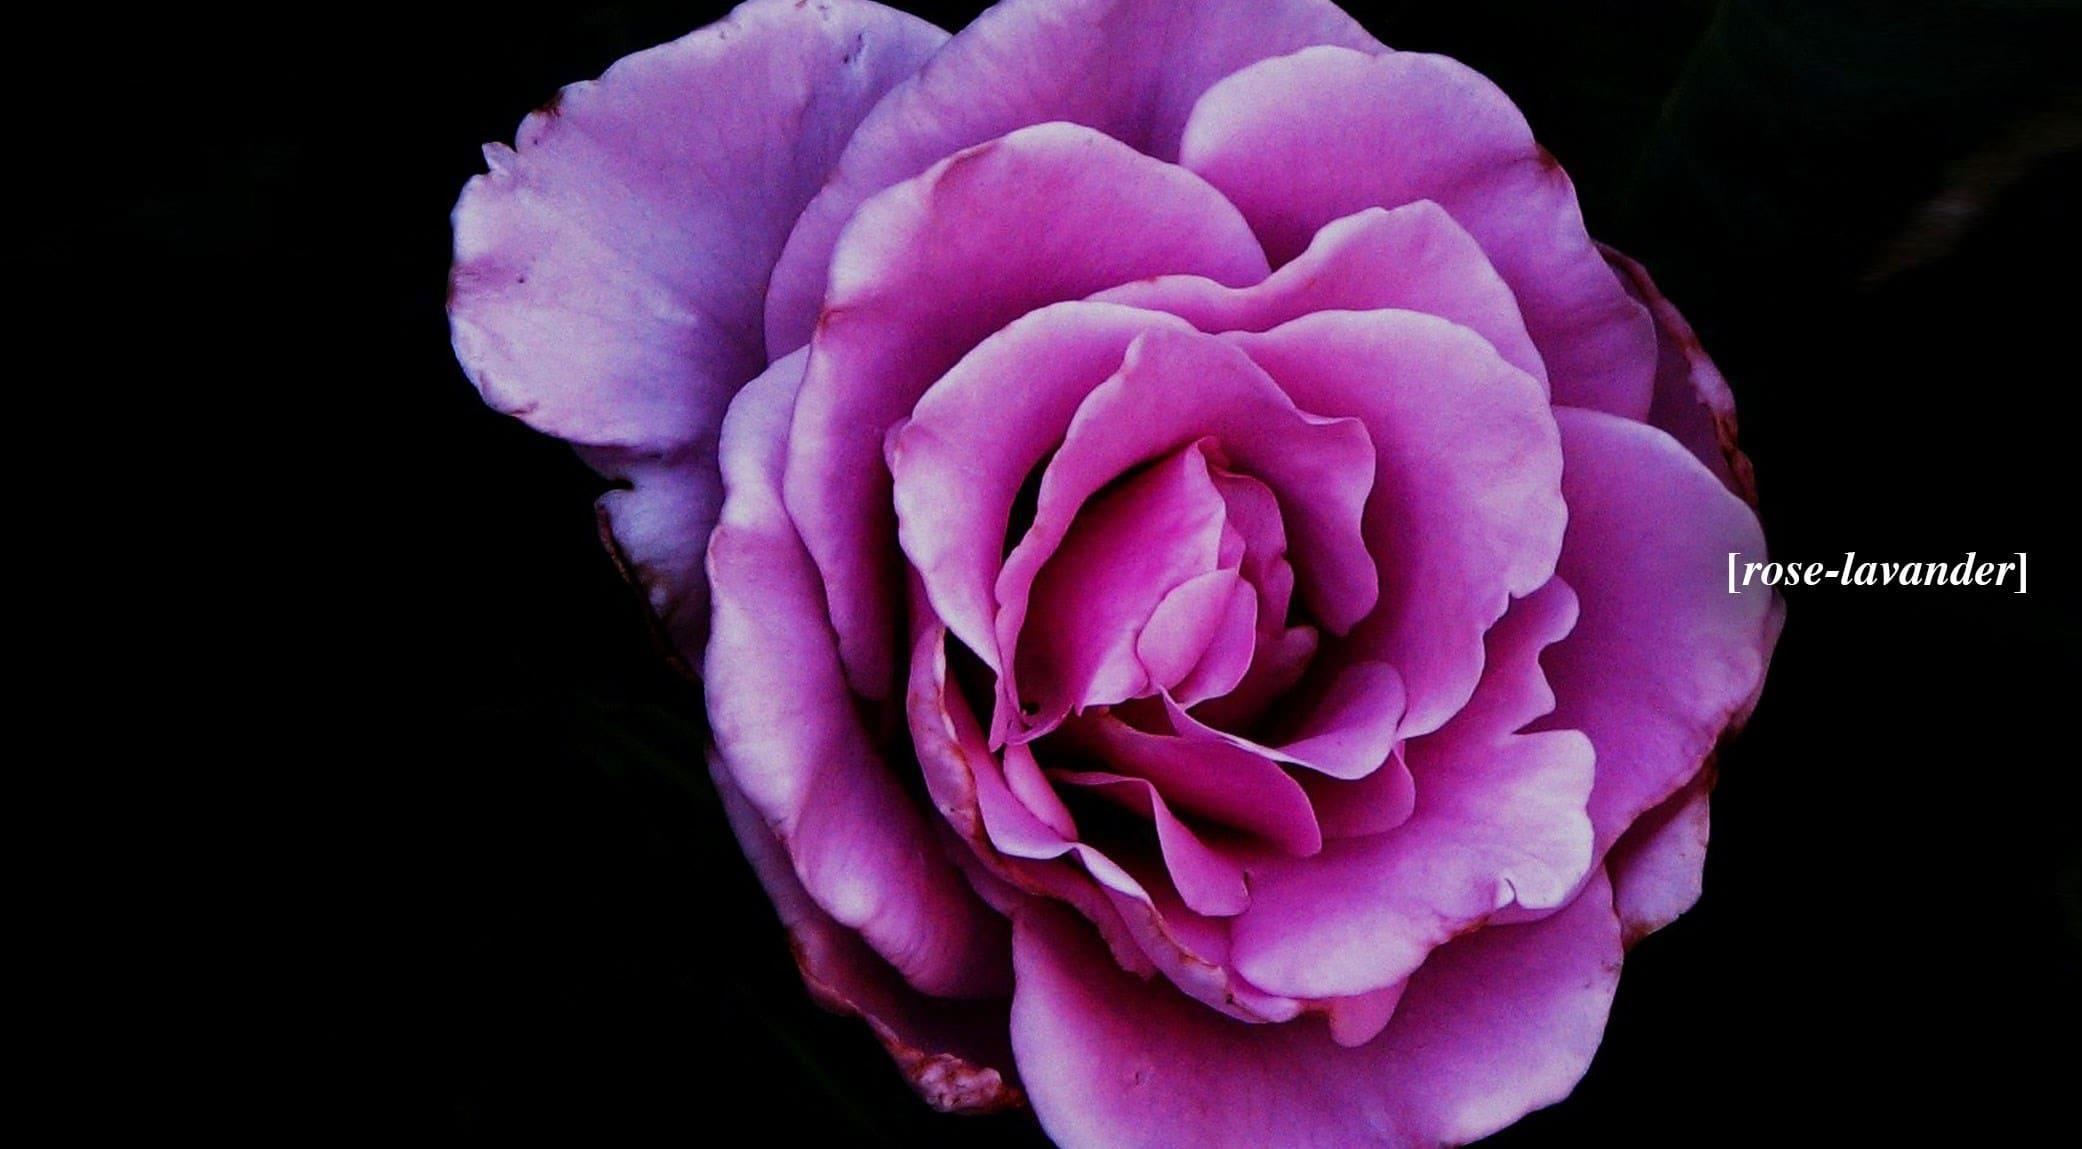 original_rose-lavander.jpg